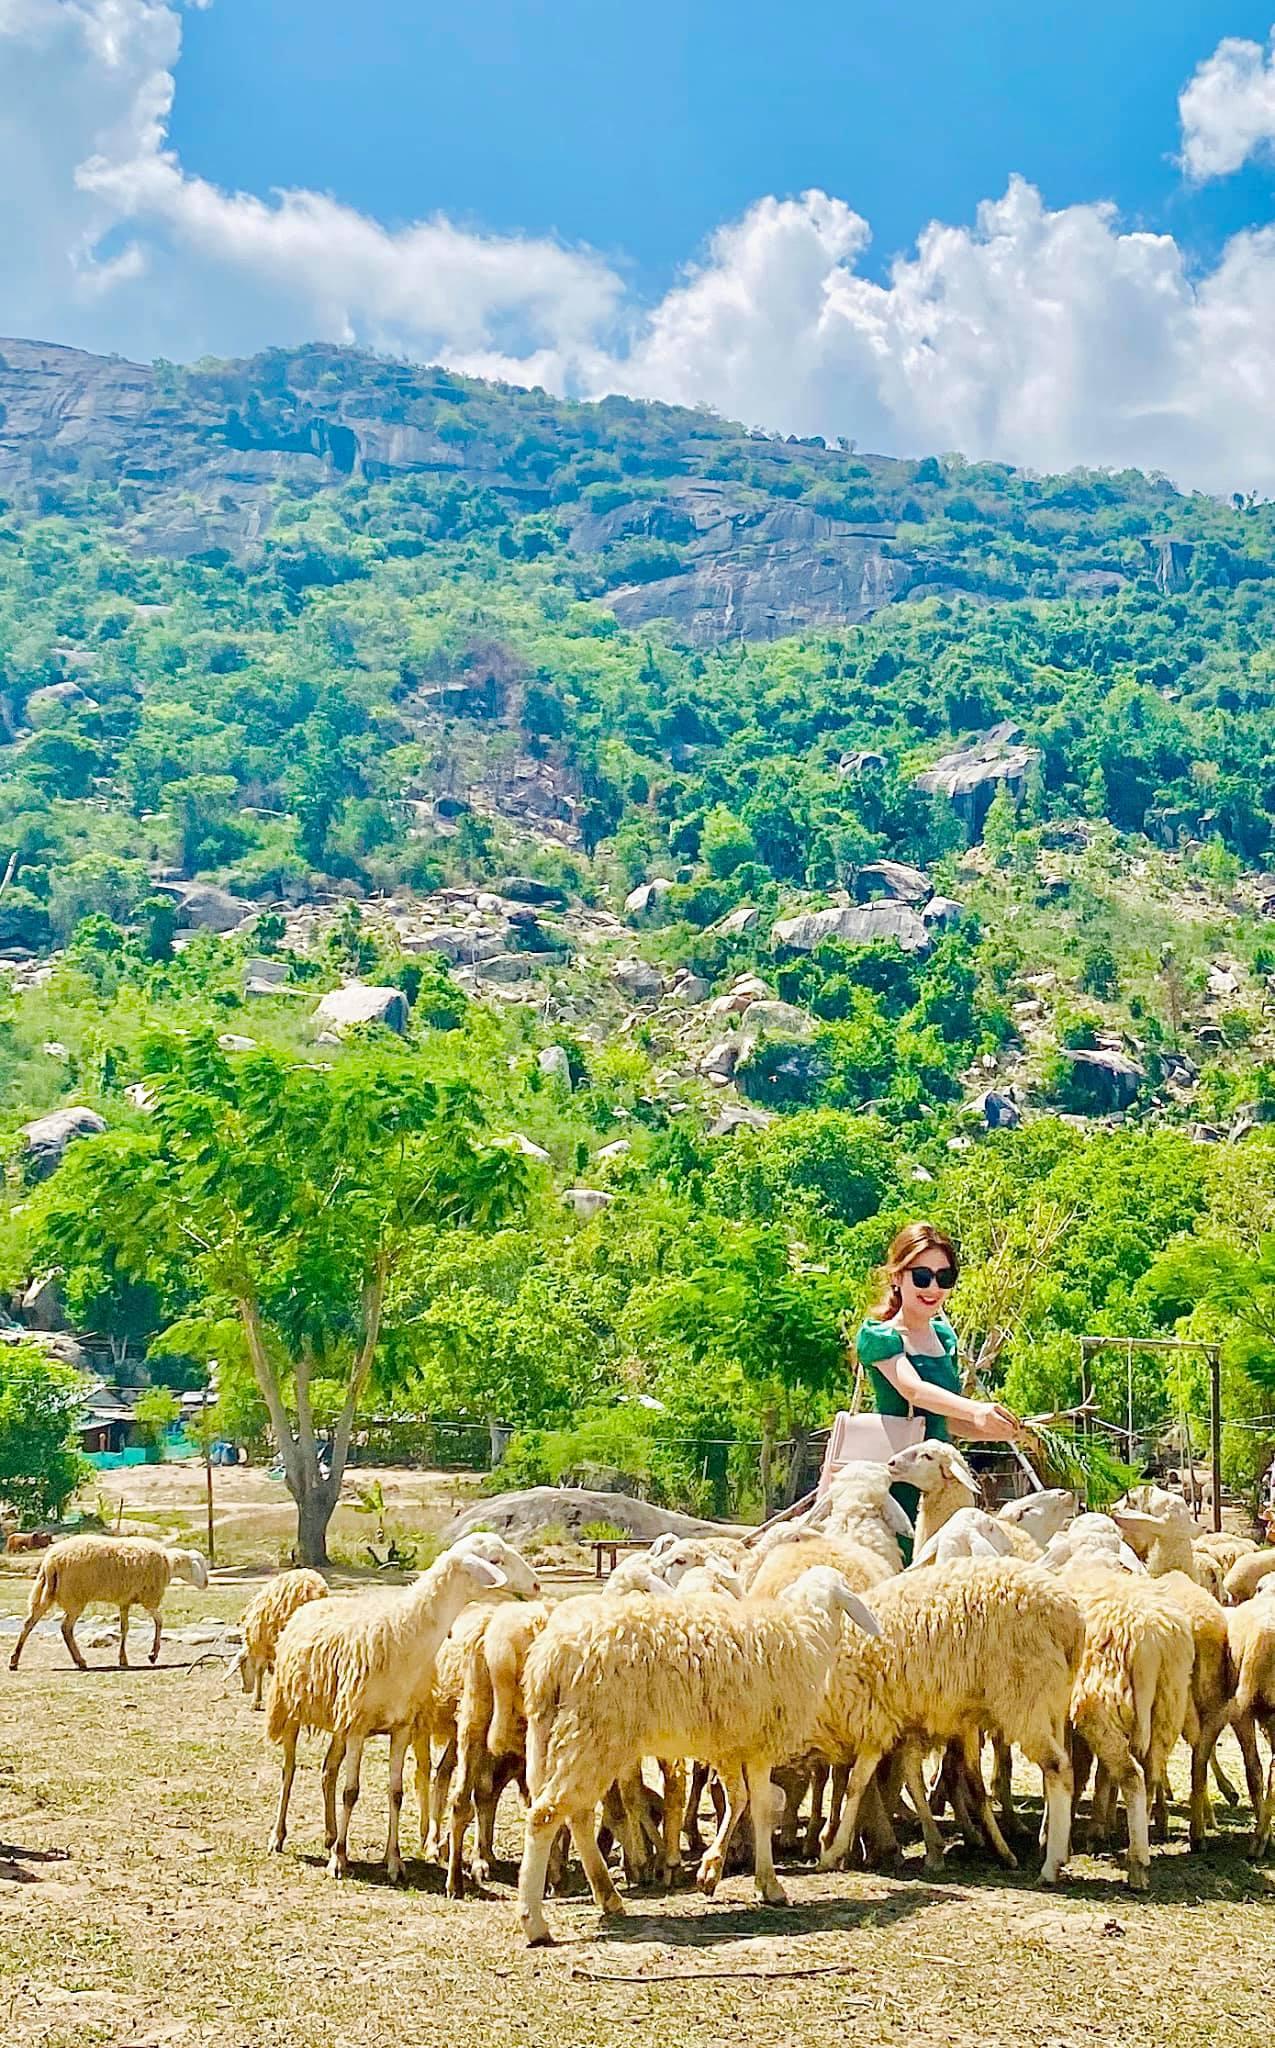 Tour du lịch Nha Trang khởi hành từ Hà Nội: Giảm giá sốc nhiều gói tour trong dịp hè này  - Ảnh 17.